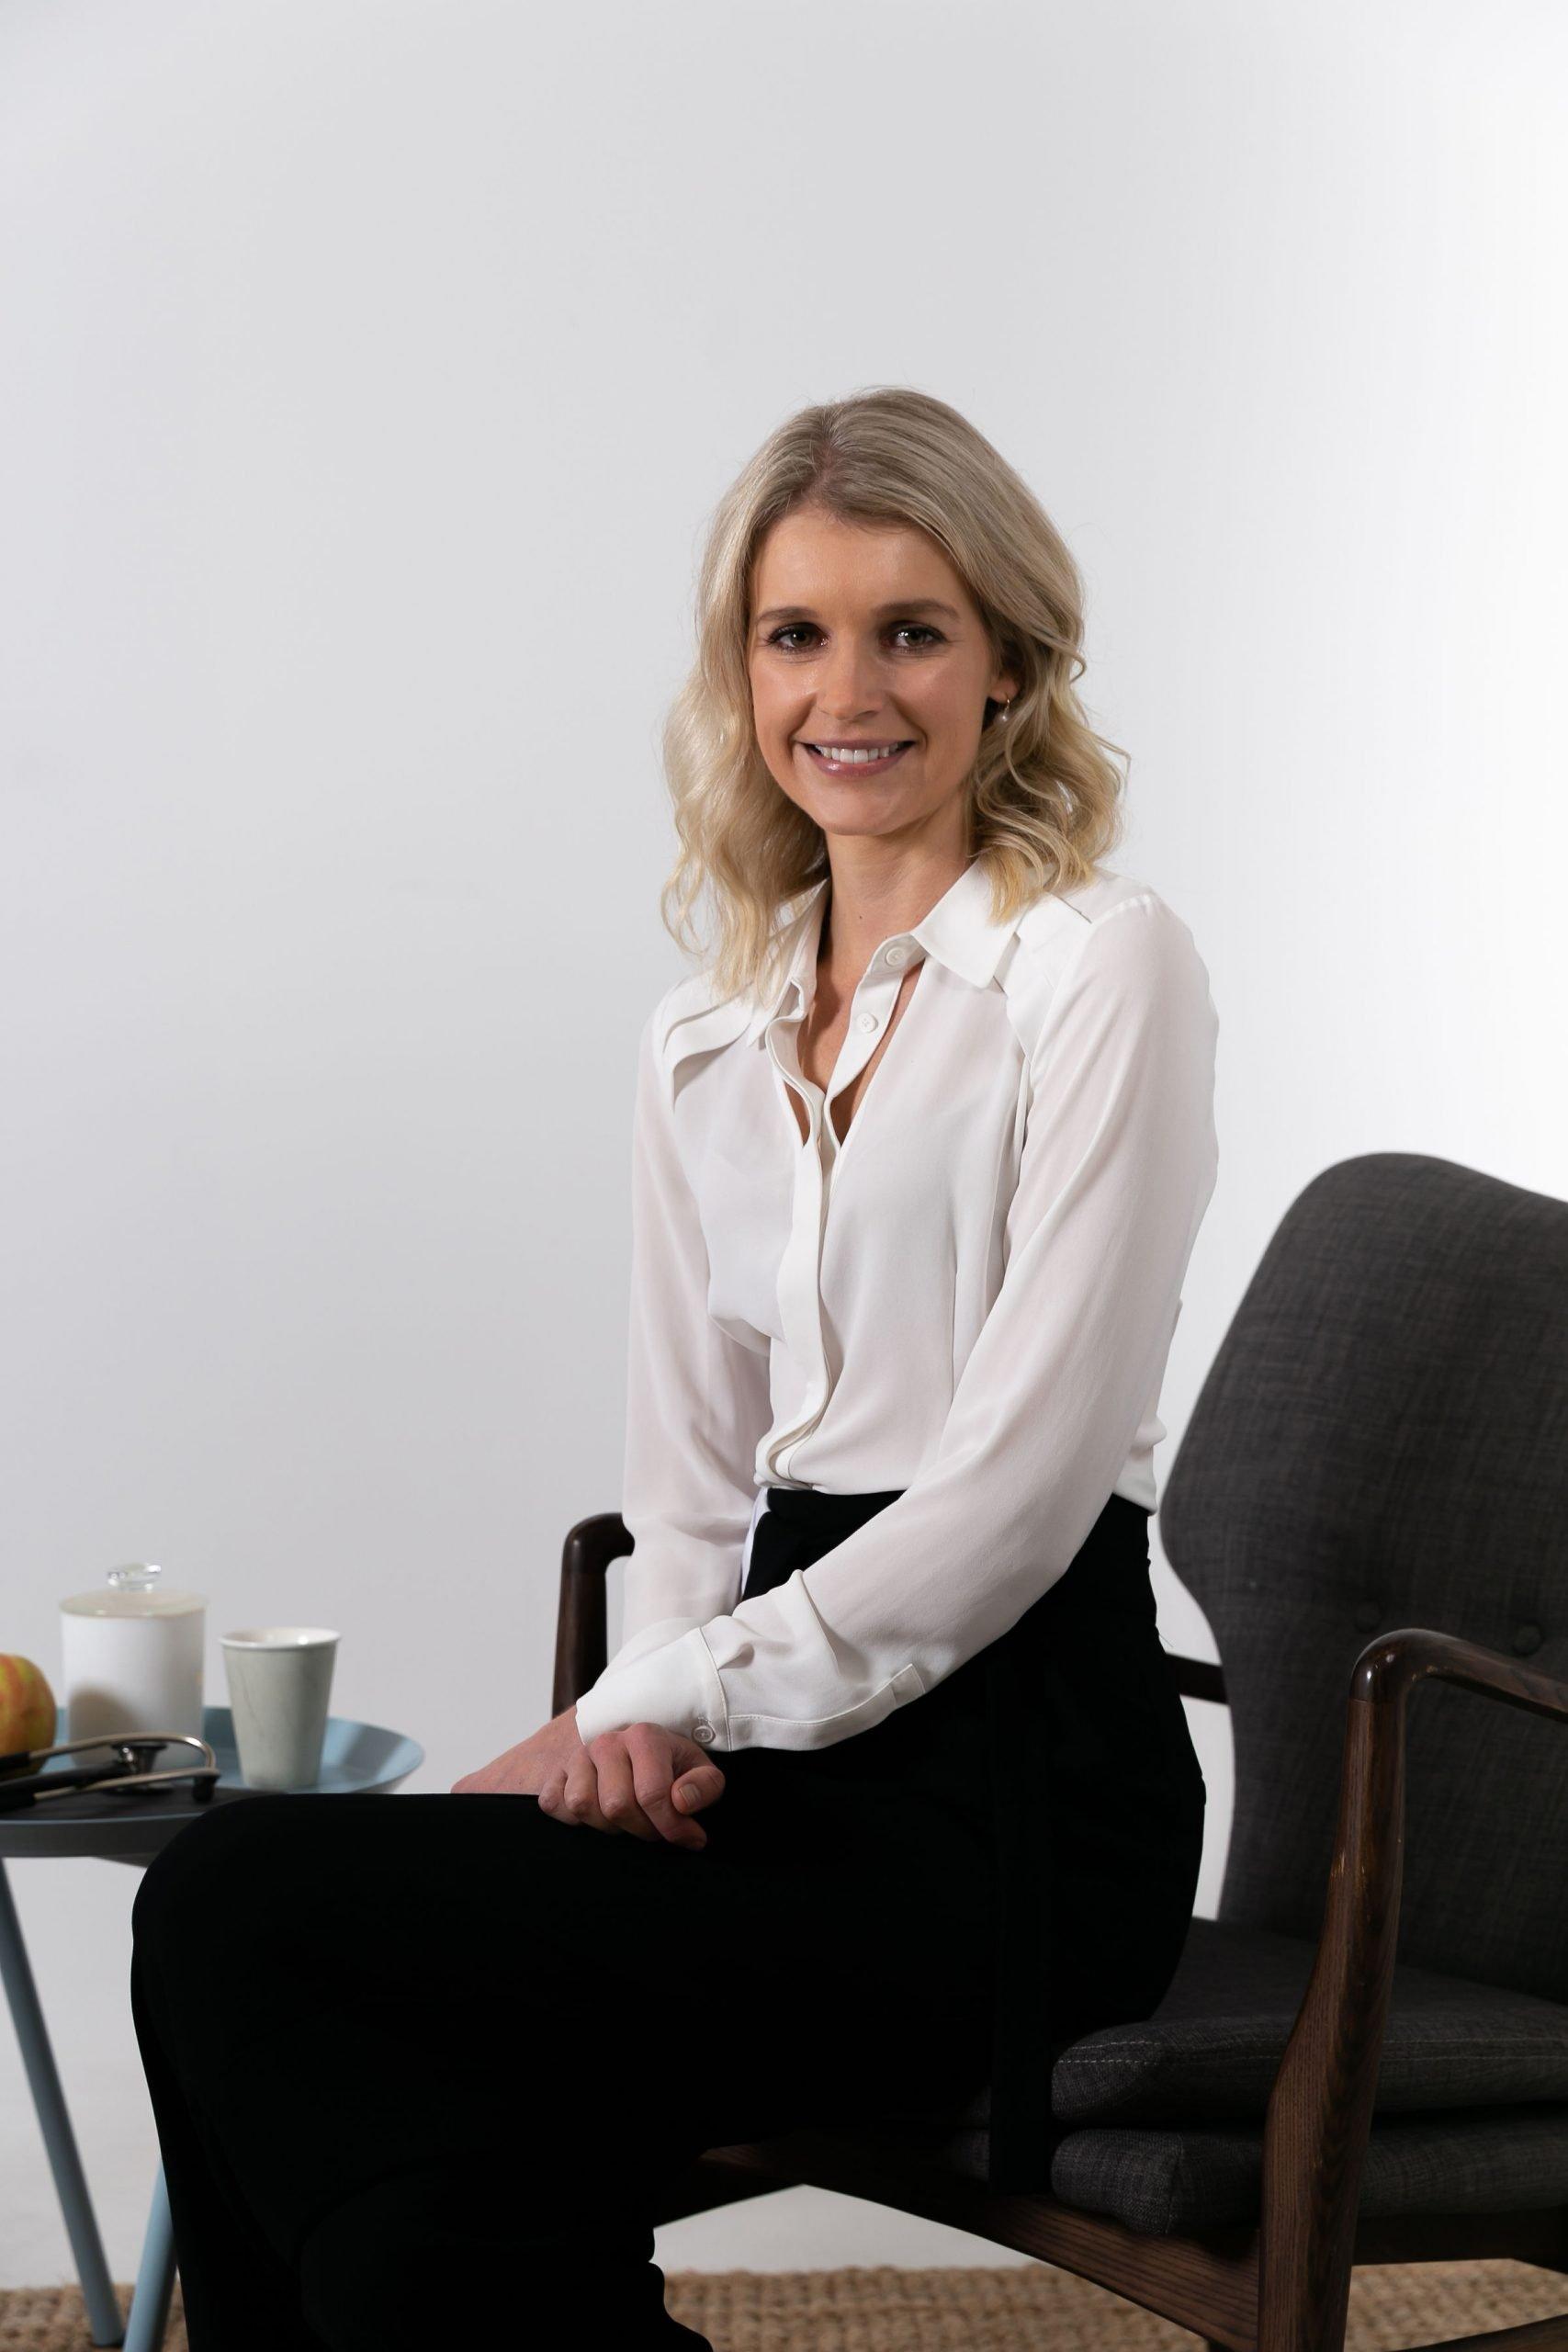 Dr Michela Sorensen